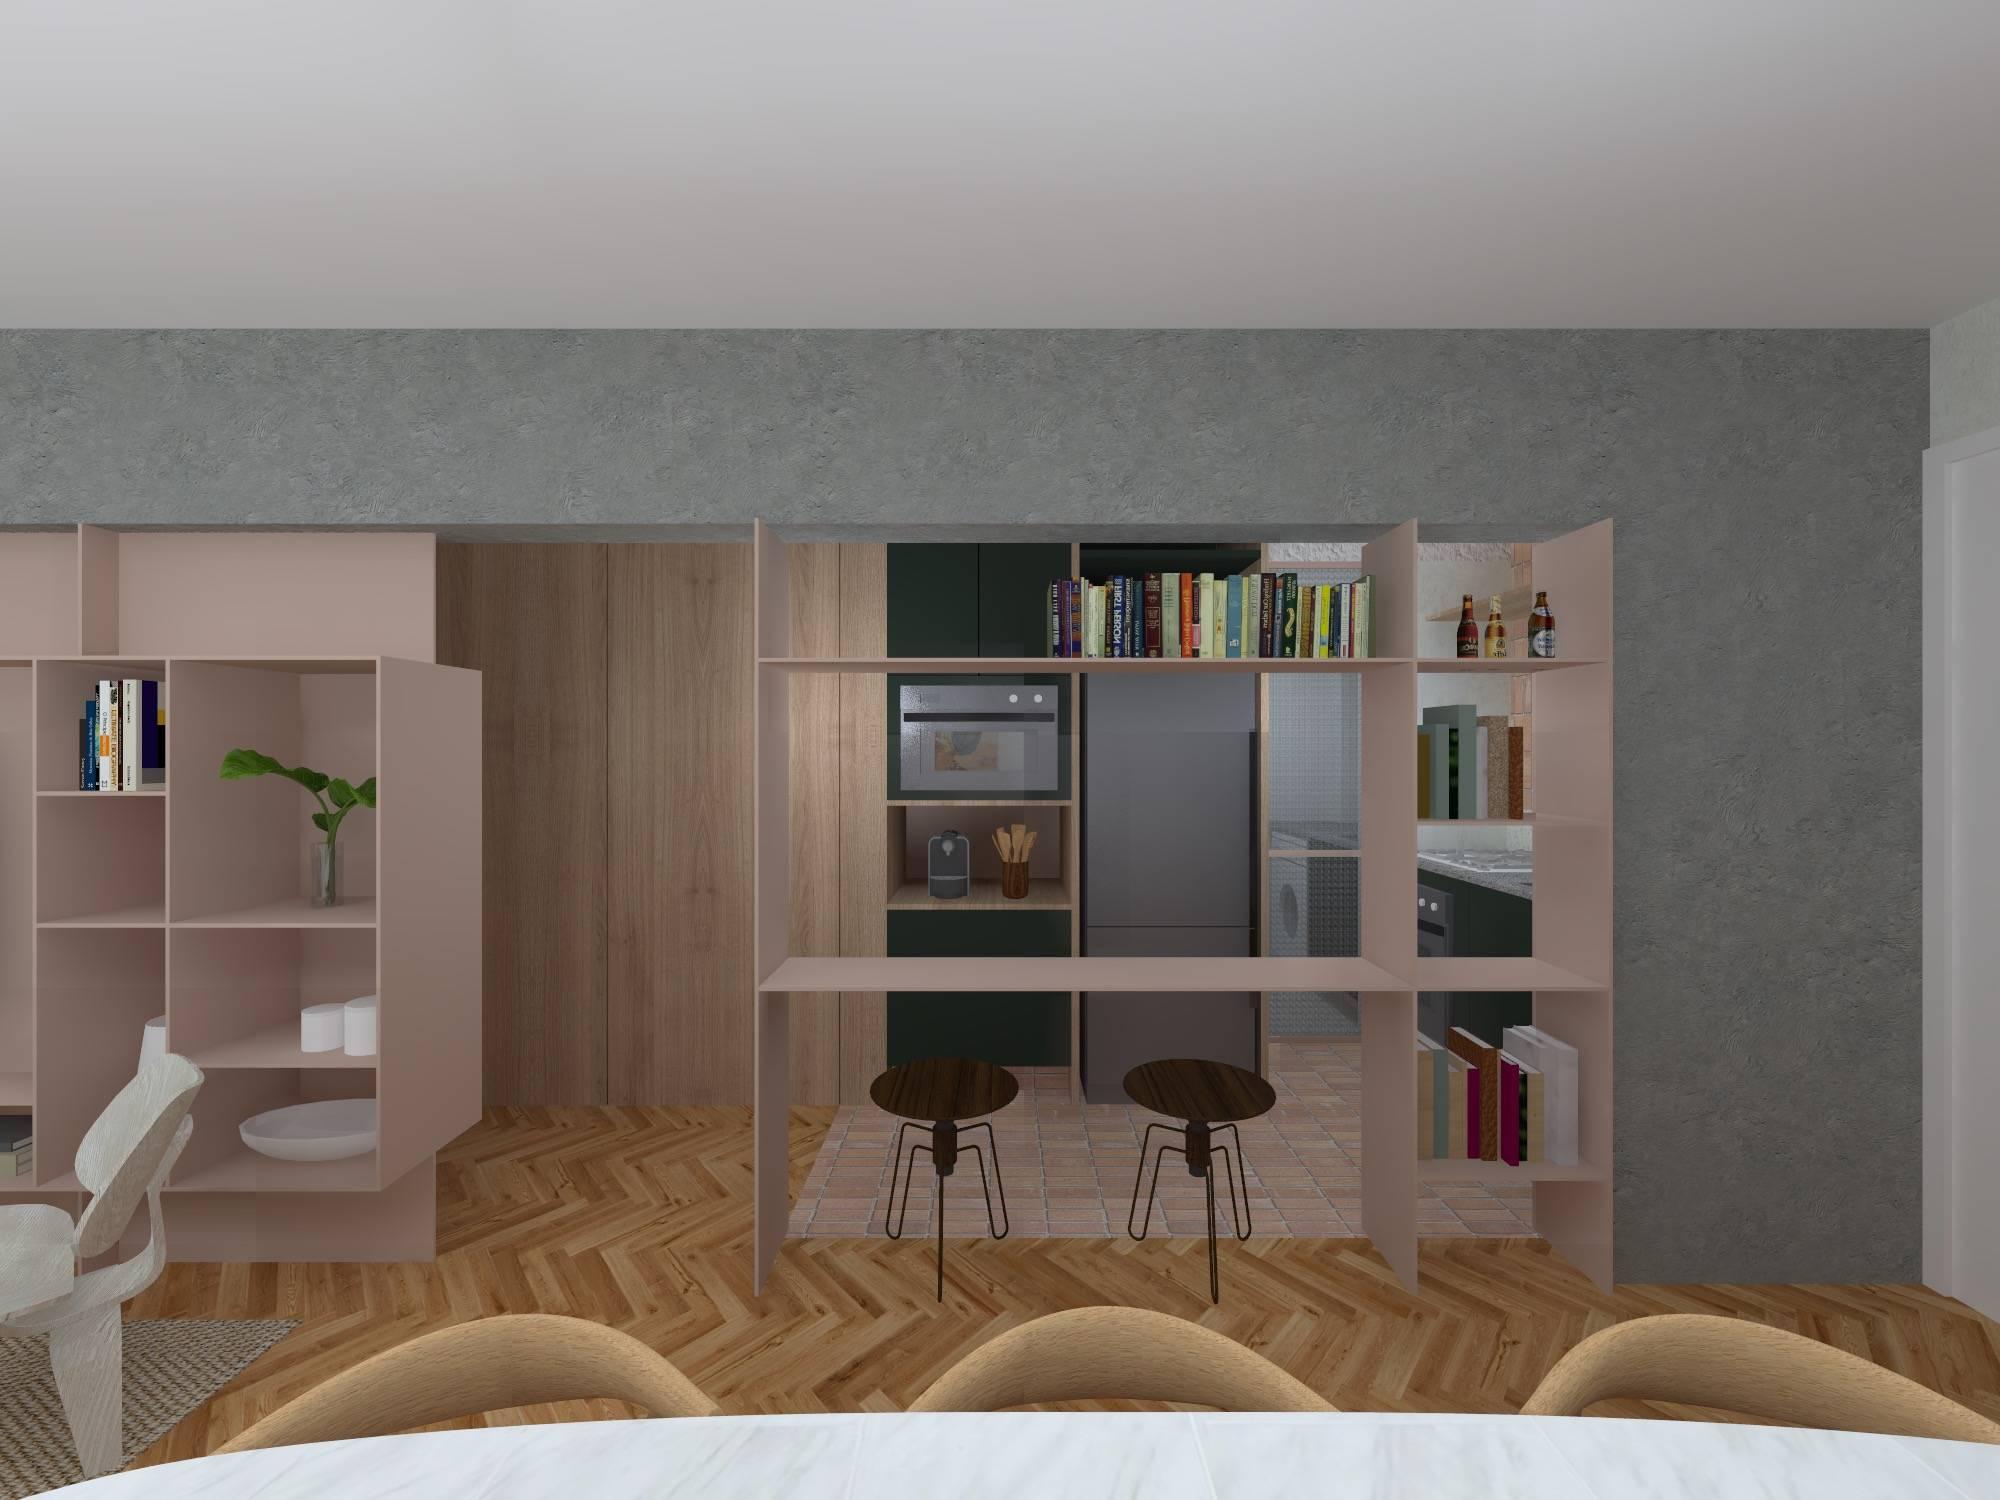 No projeto da Casa 100 Arquitetura, futura estante servirá de divisória, bancada de apoio e fechamento entre a sala e o dormitório. Imagem: Divulgação